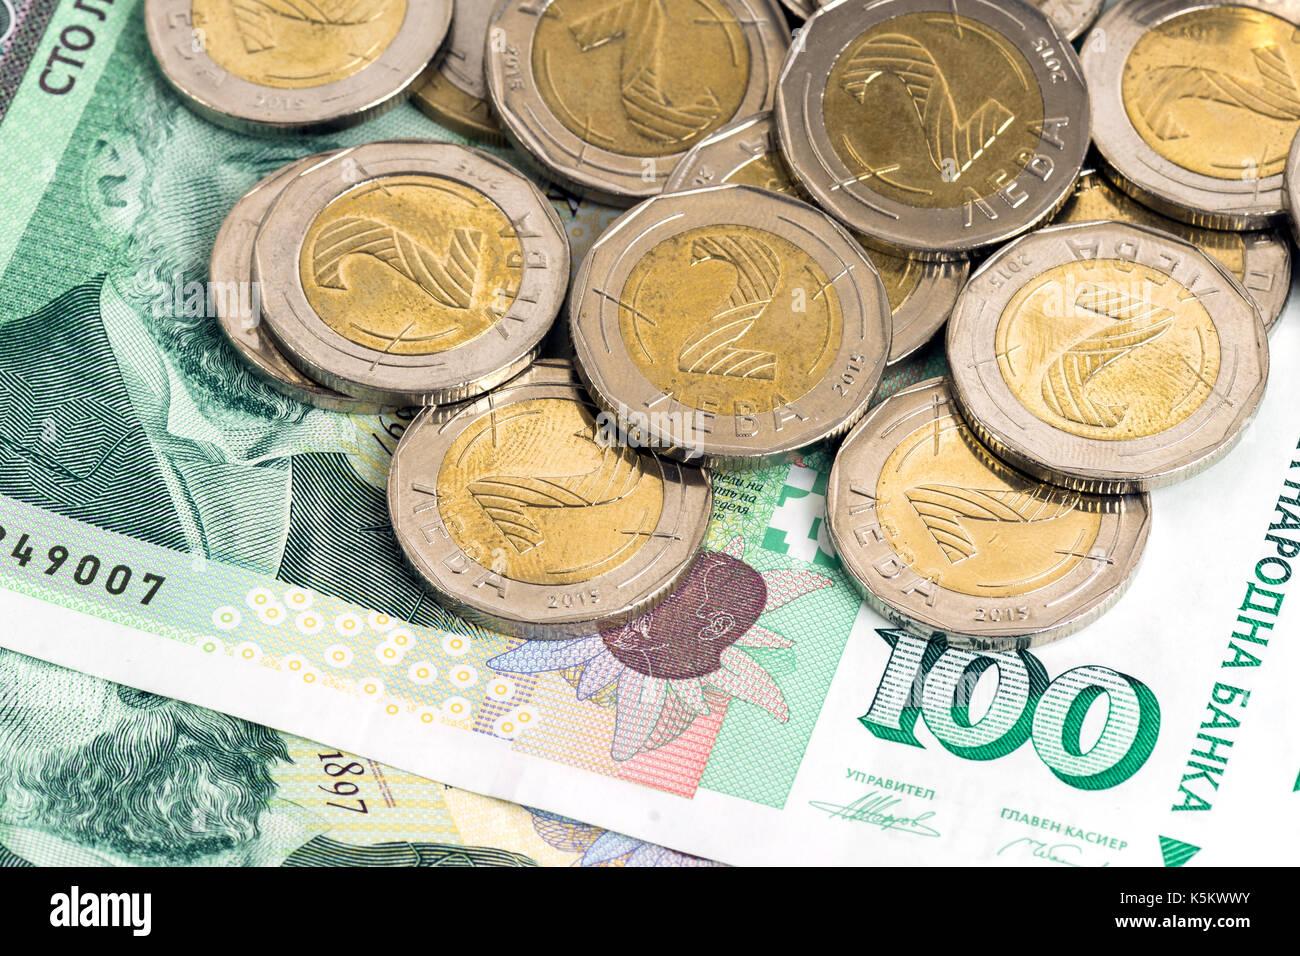 Bulgarische Geld Banknoten Und Münzen Stockfoto Bild 158404007